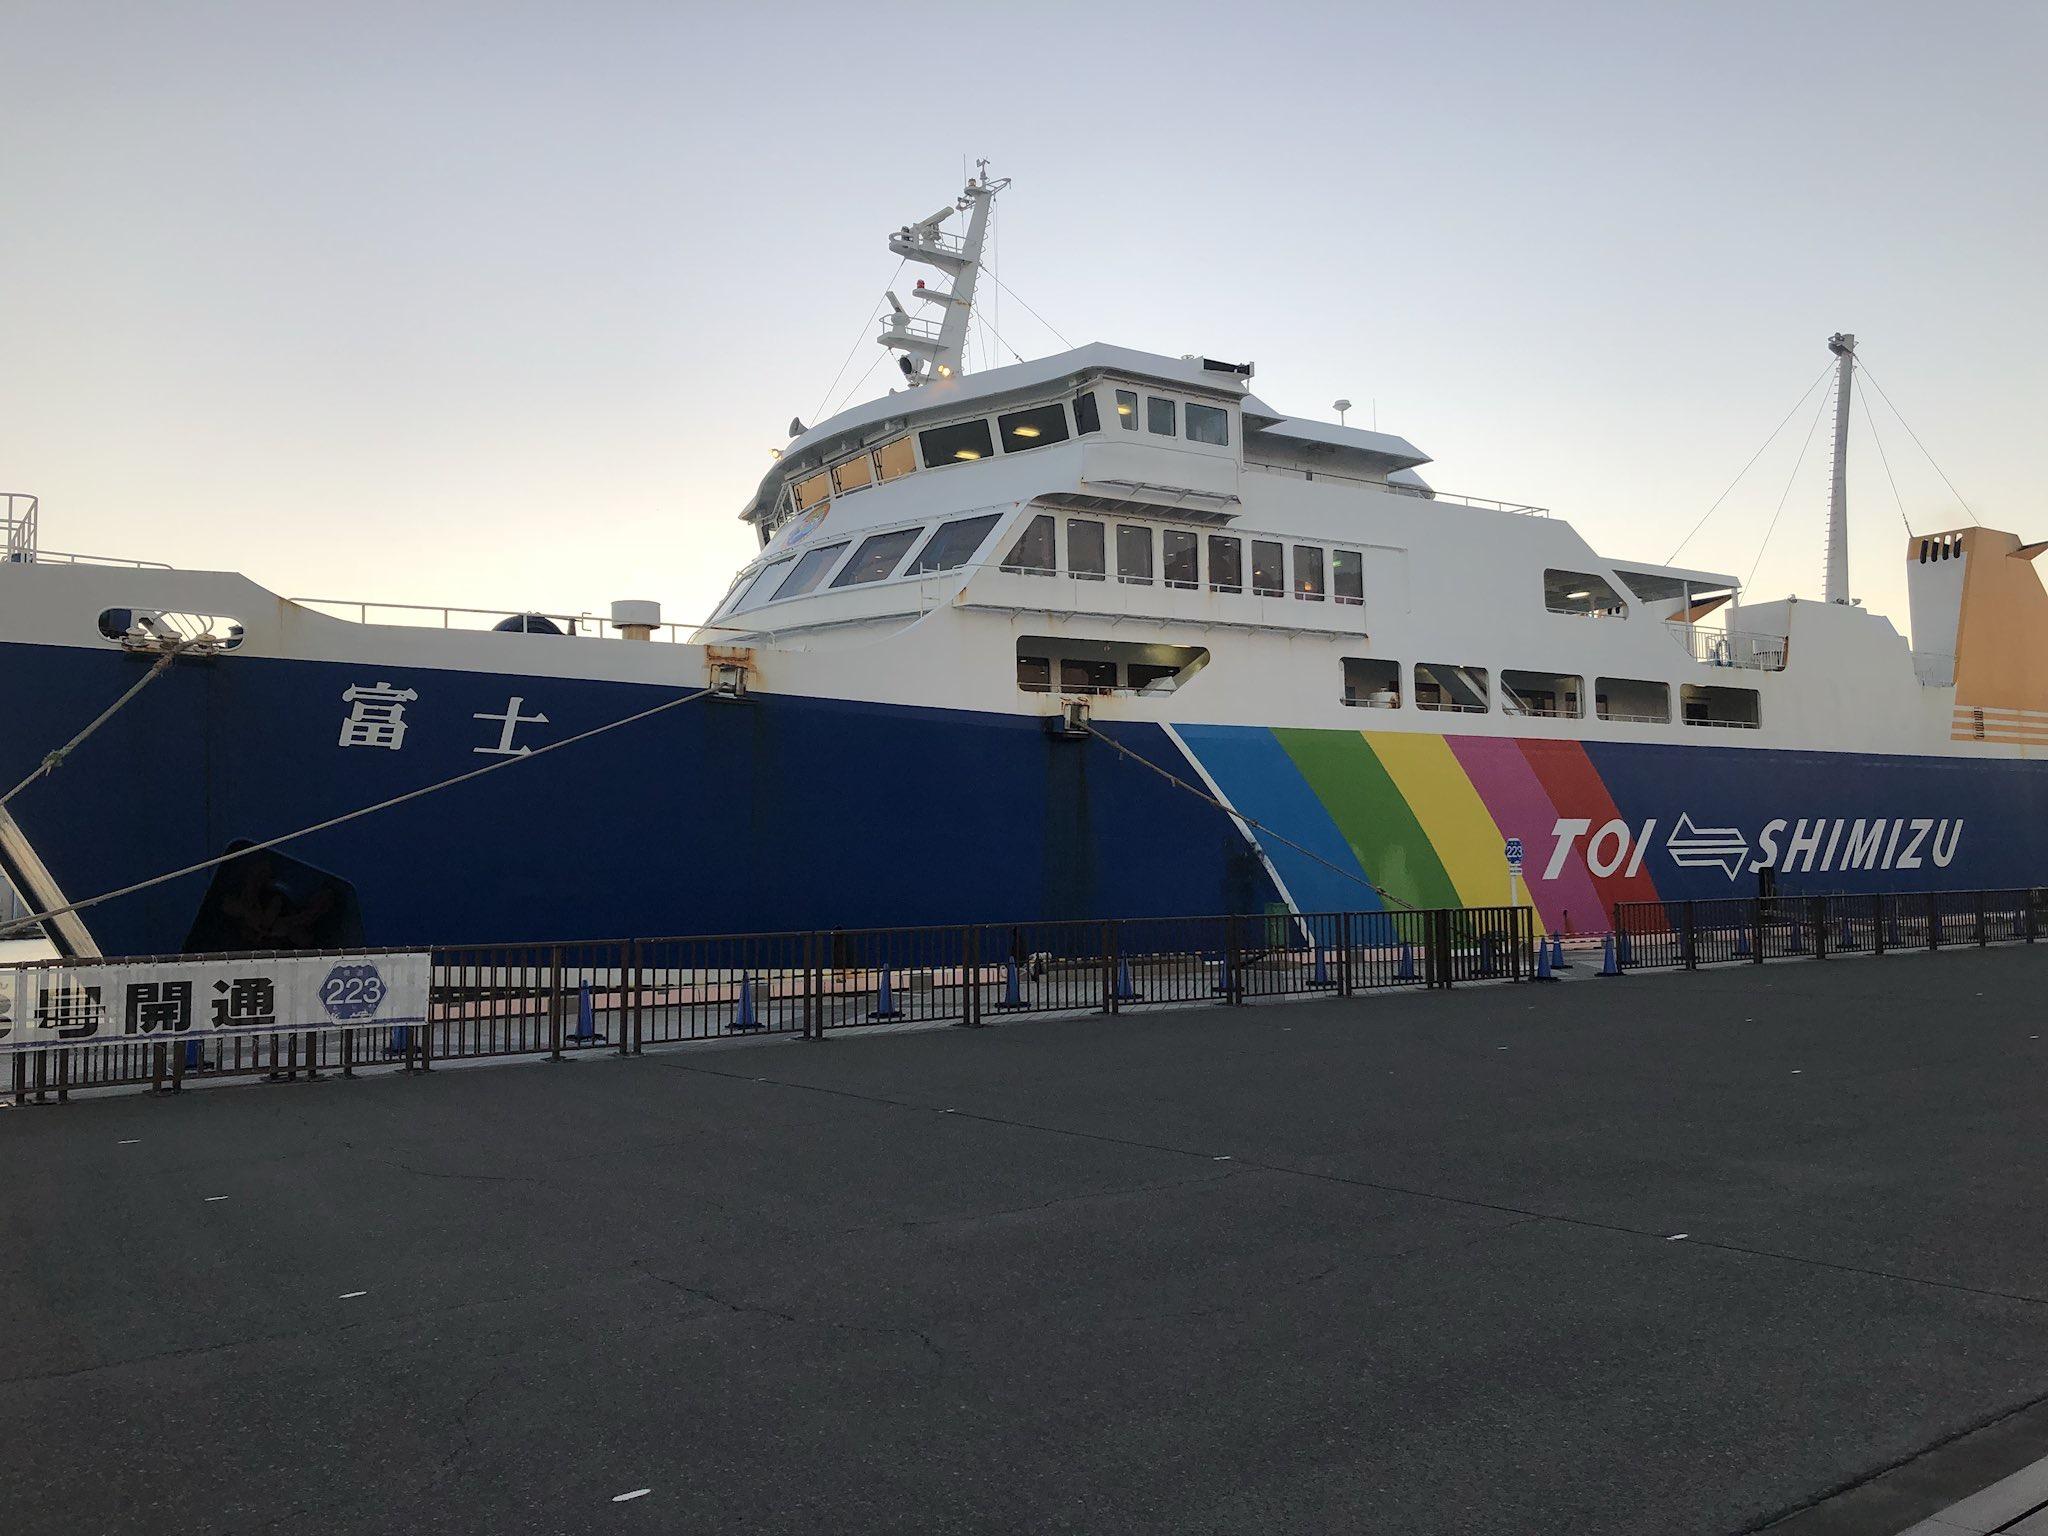 【船旅のすすめ】駿河湾フェリーの富士に乗って船上から富士山を見よう